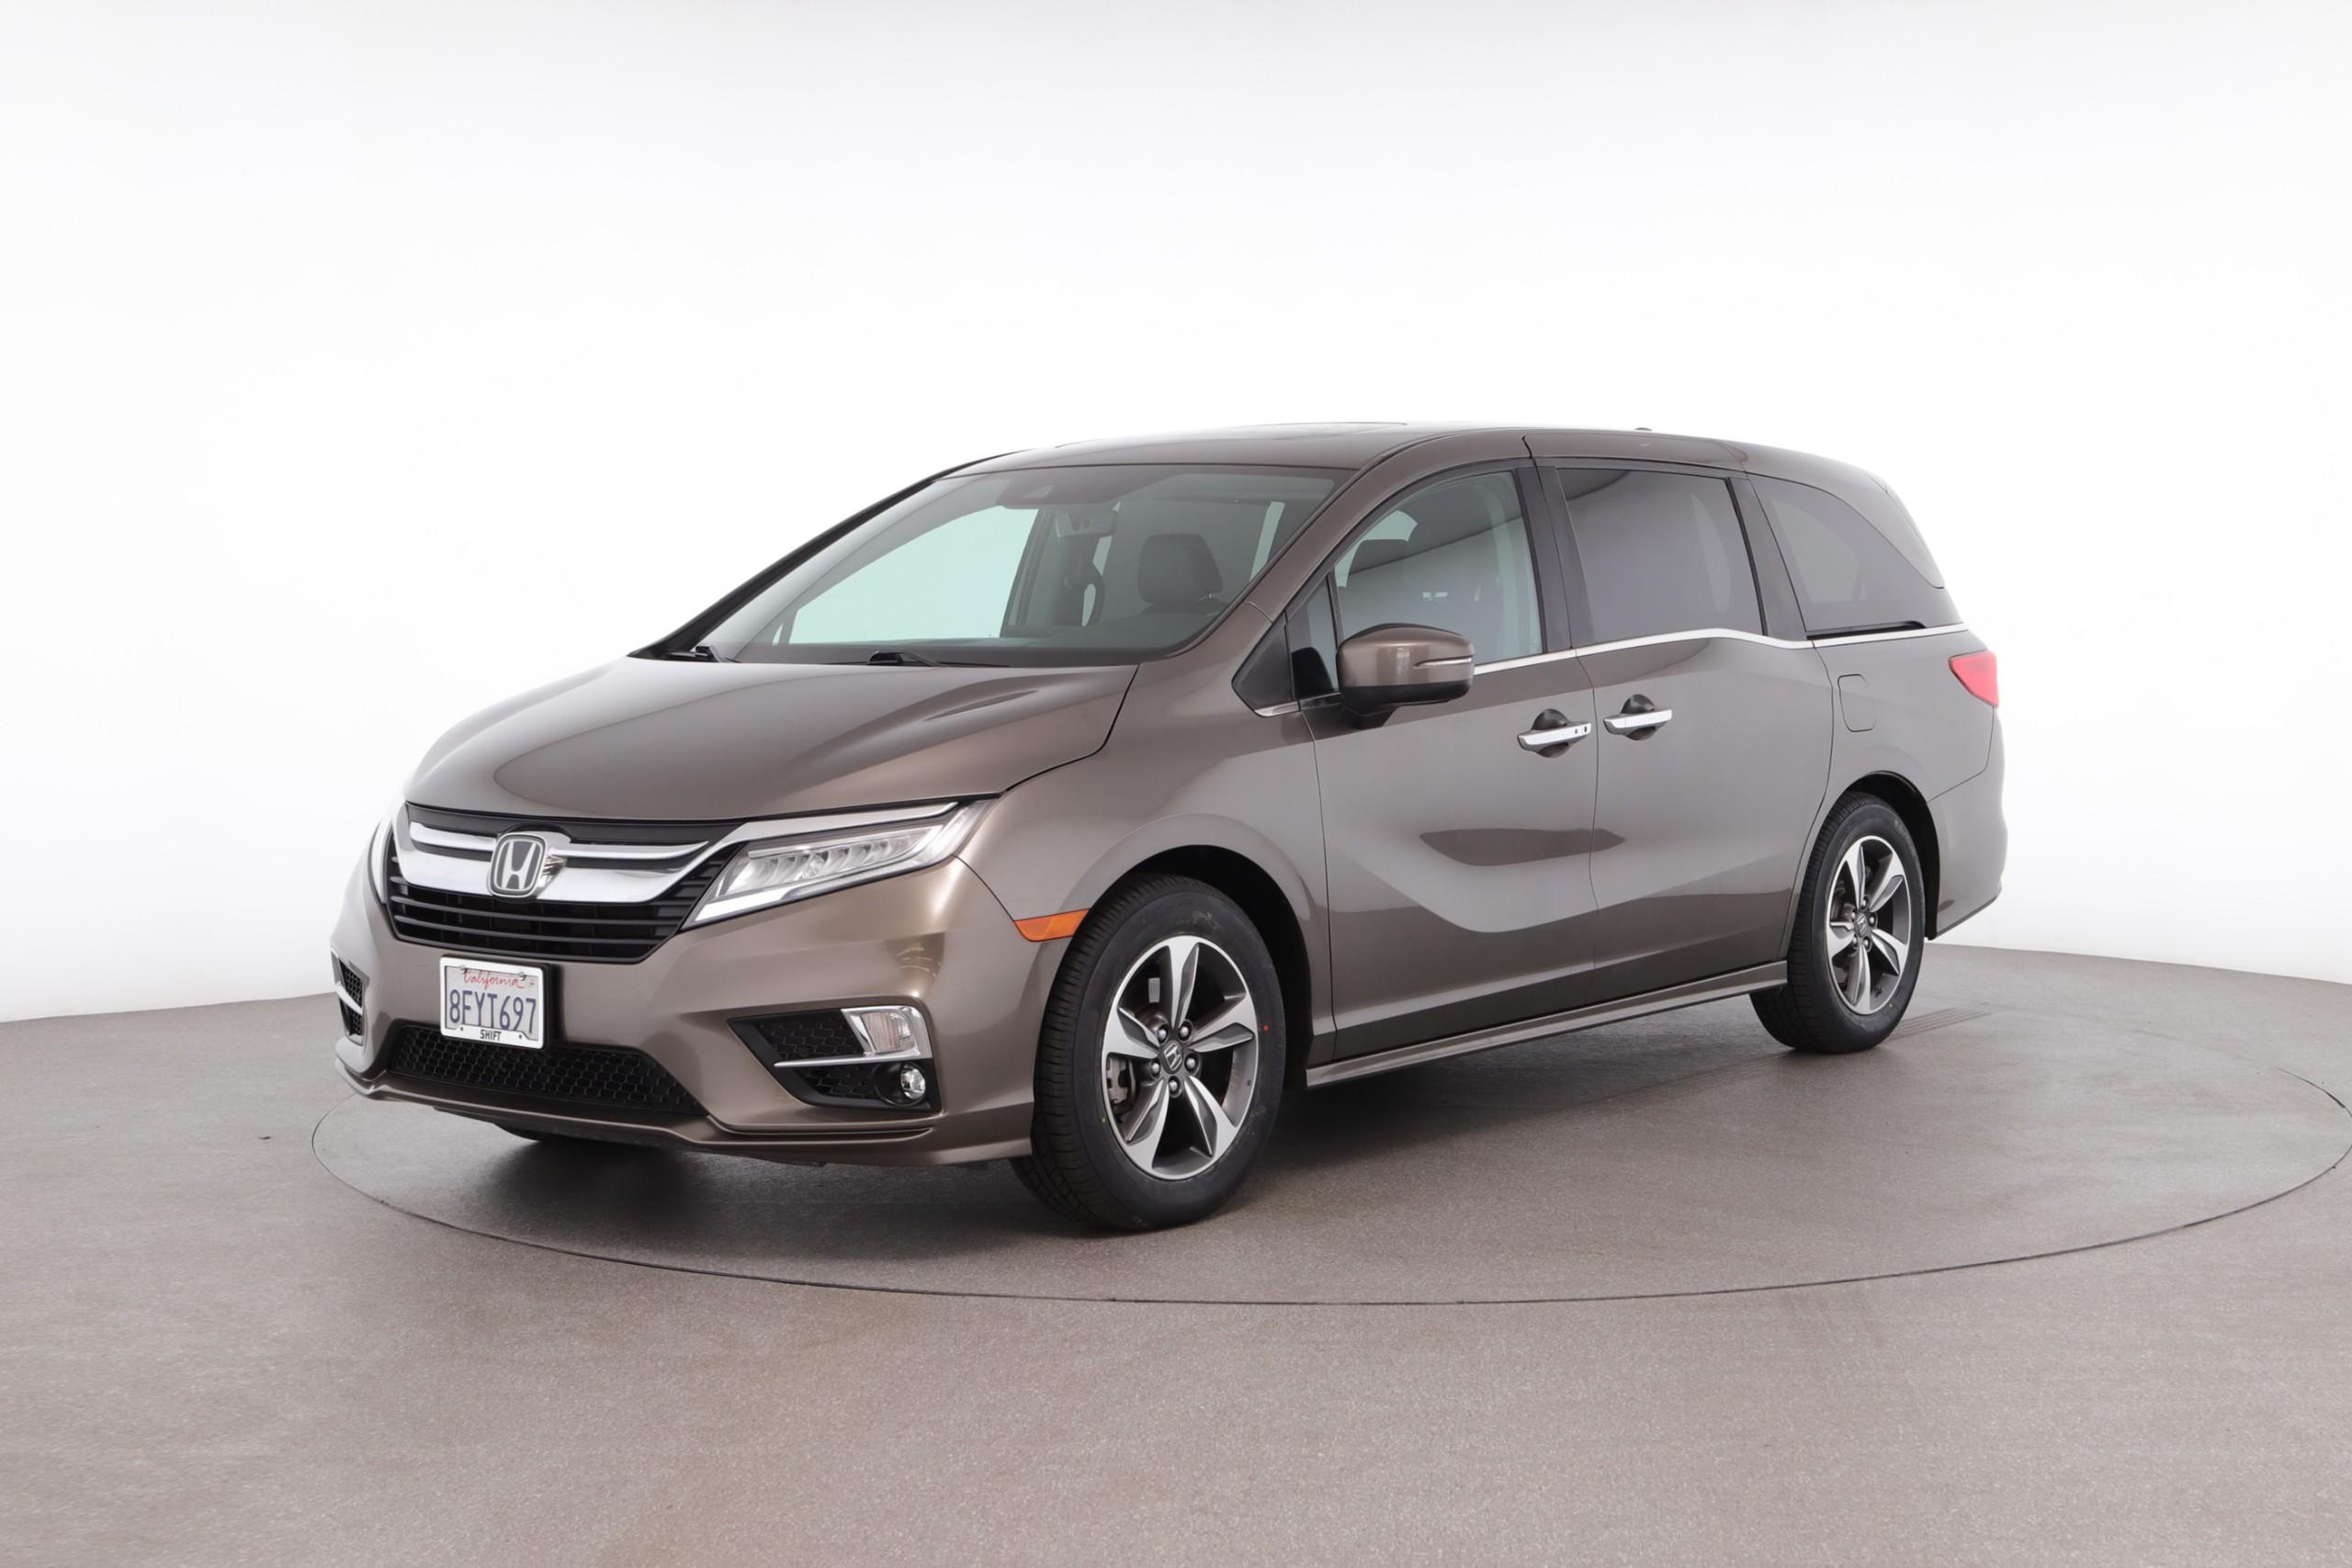 6. Honda Odyssey